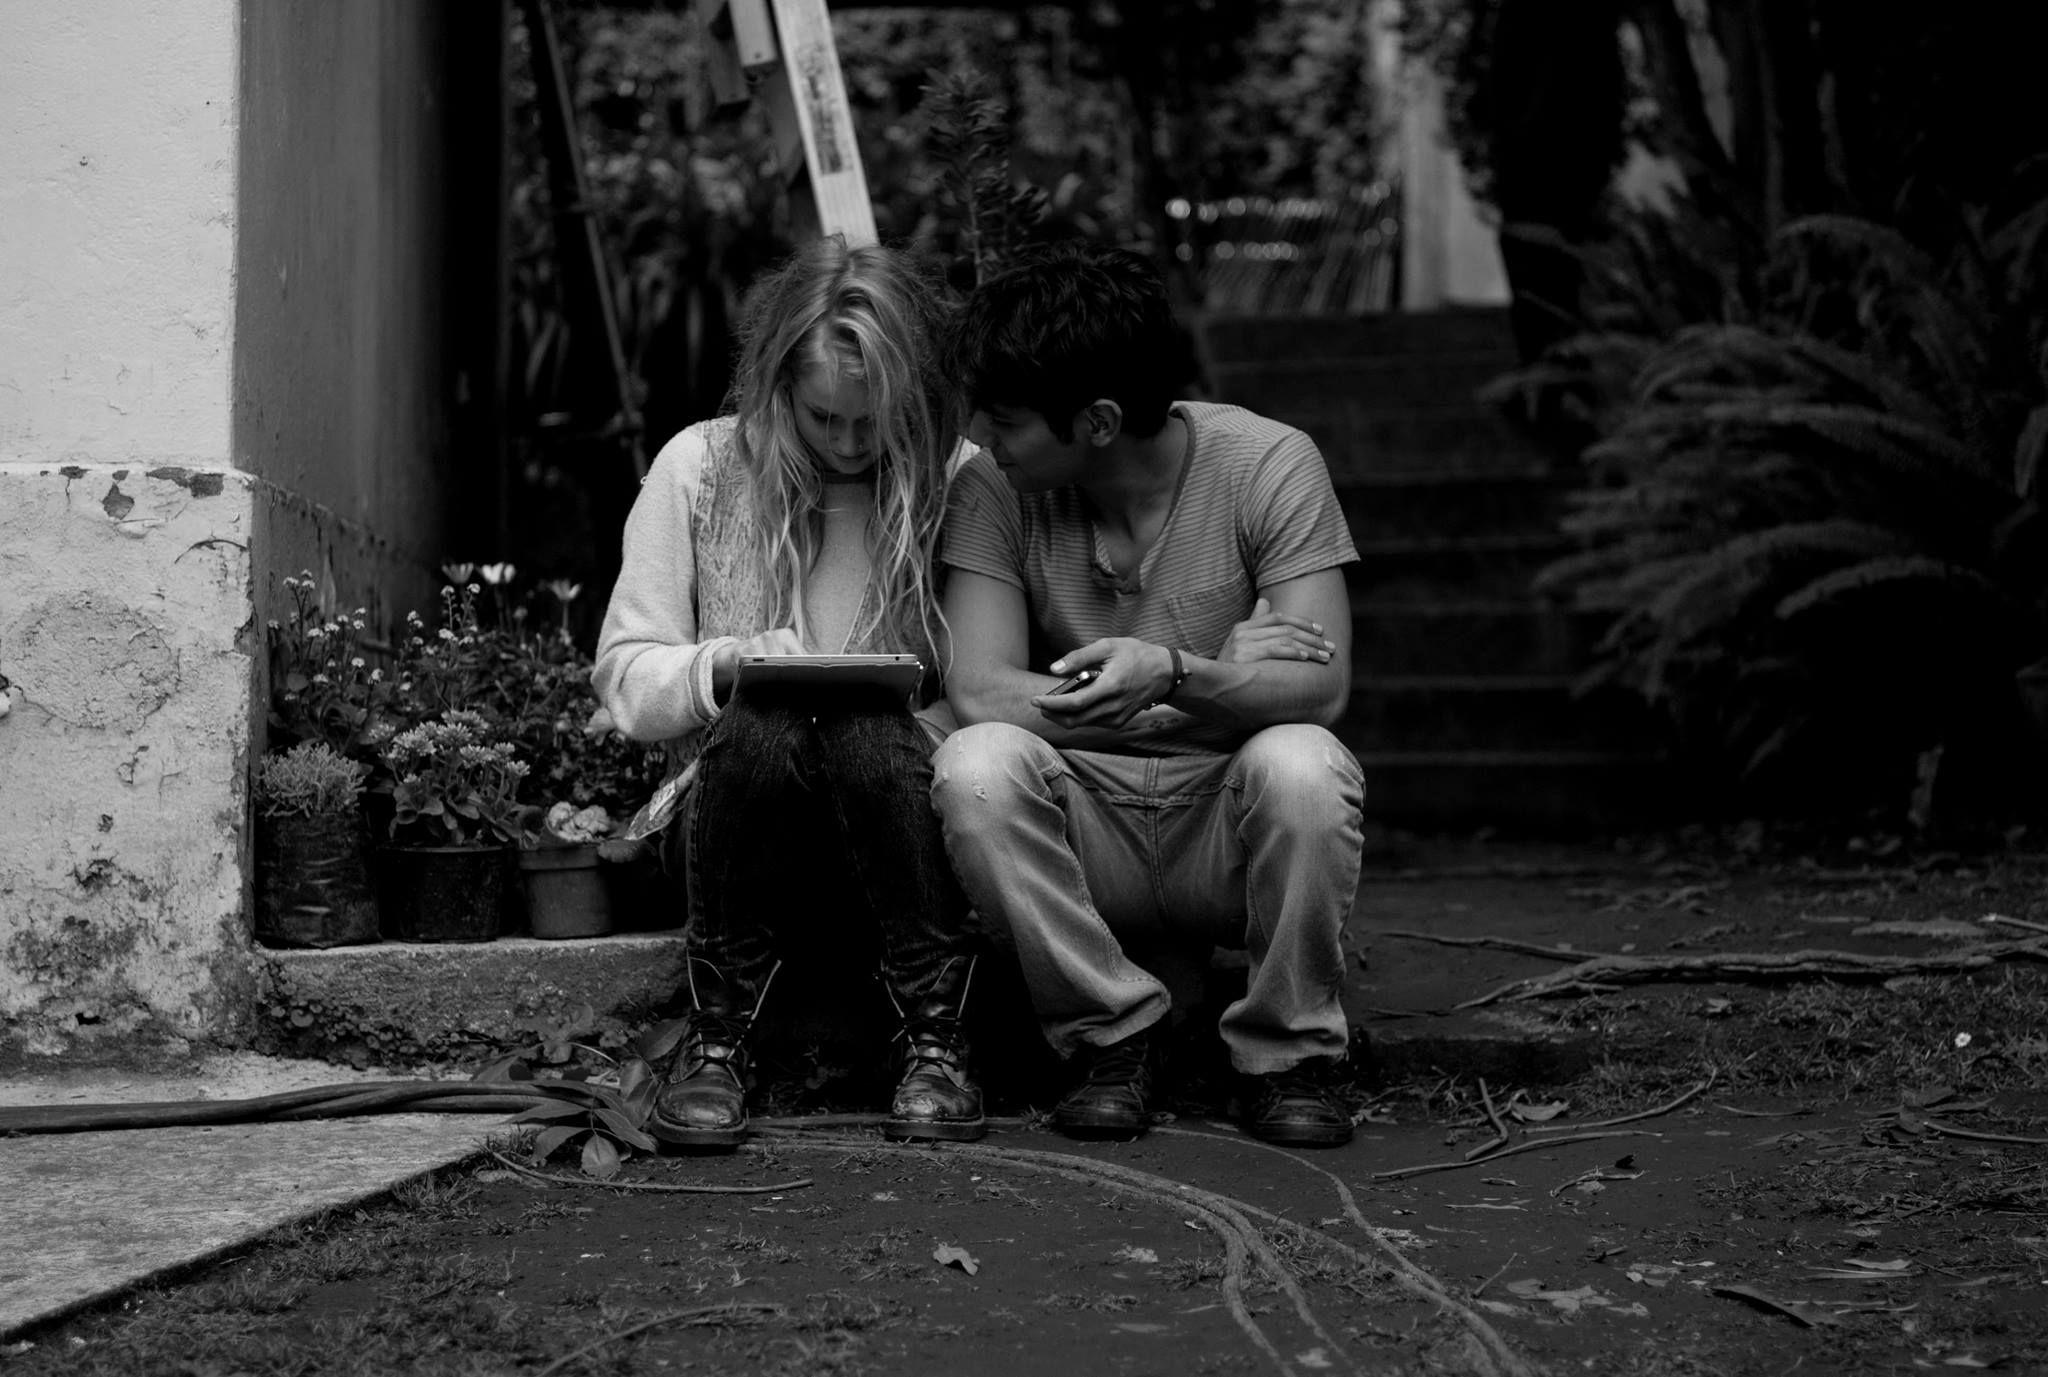 """""""El amor llega así,sin quererlo,sin buscarlo,sin esperarlo,solo llega... tómalo ahí esta,es tuyo, de nosotros..."""